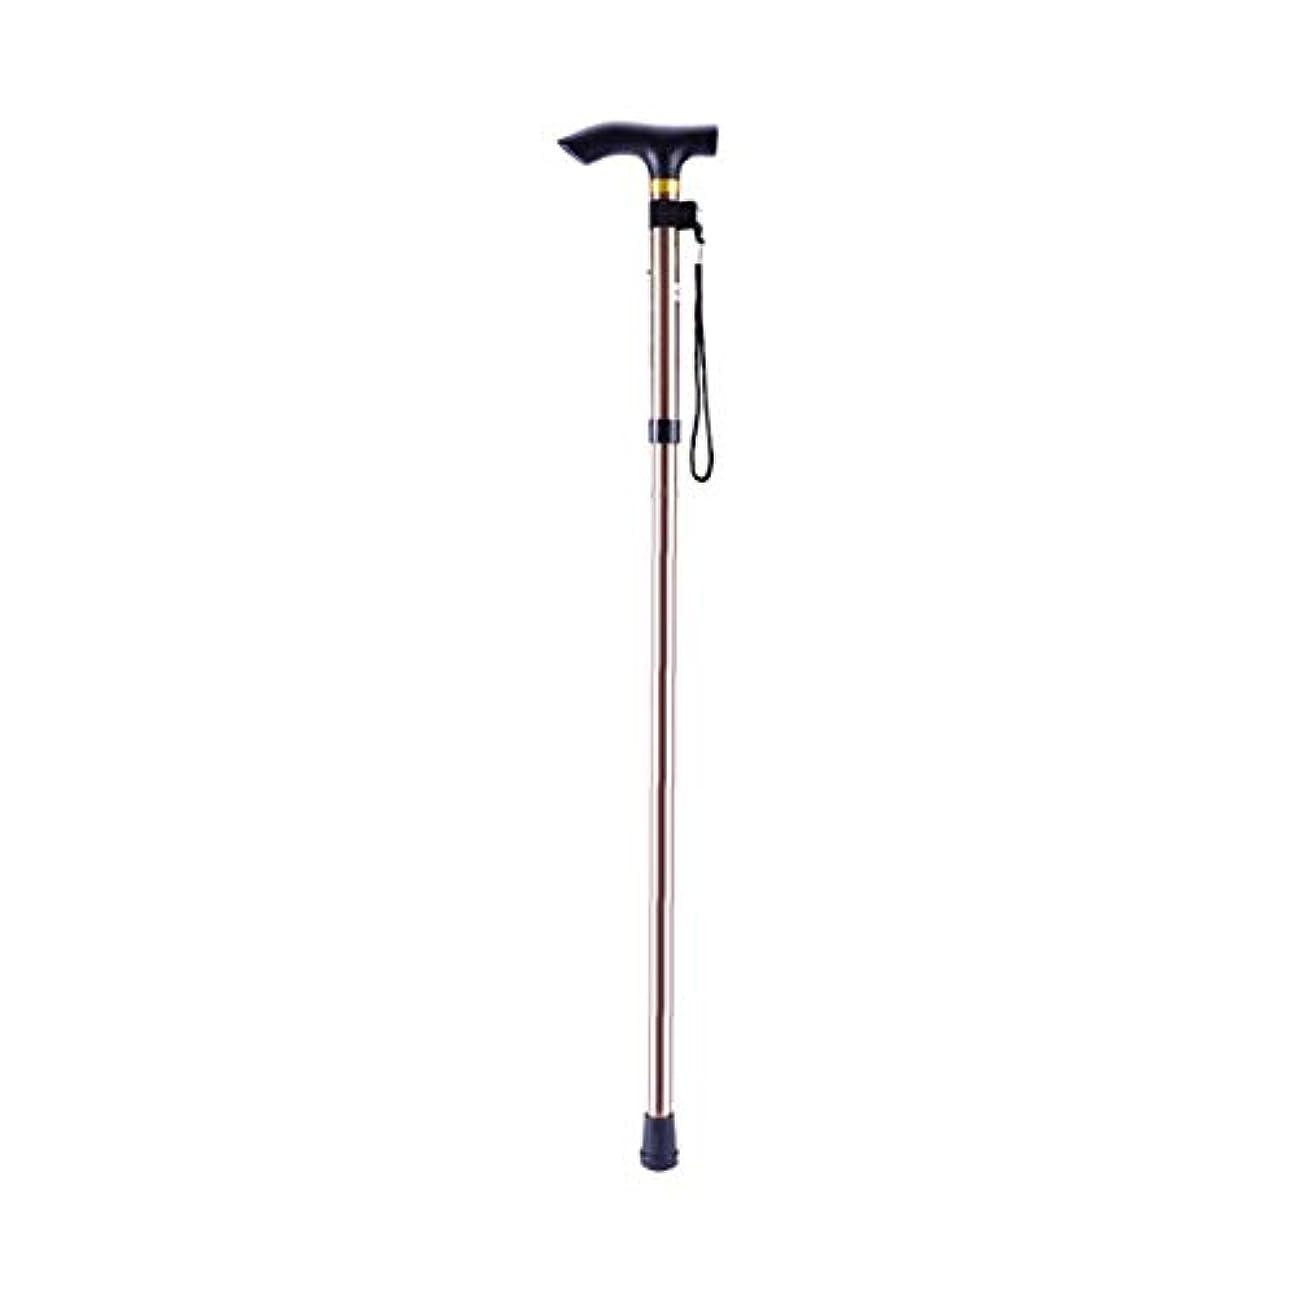 繕う皿シットコムDeeploveUU アルミ金属4つのセクション杖簡単に調整可能な折りたたみ折りたたみ式旅行杖キャンプトレッキングスティック